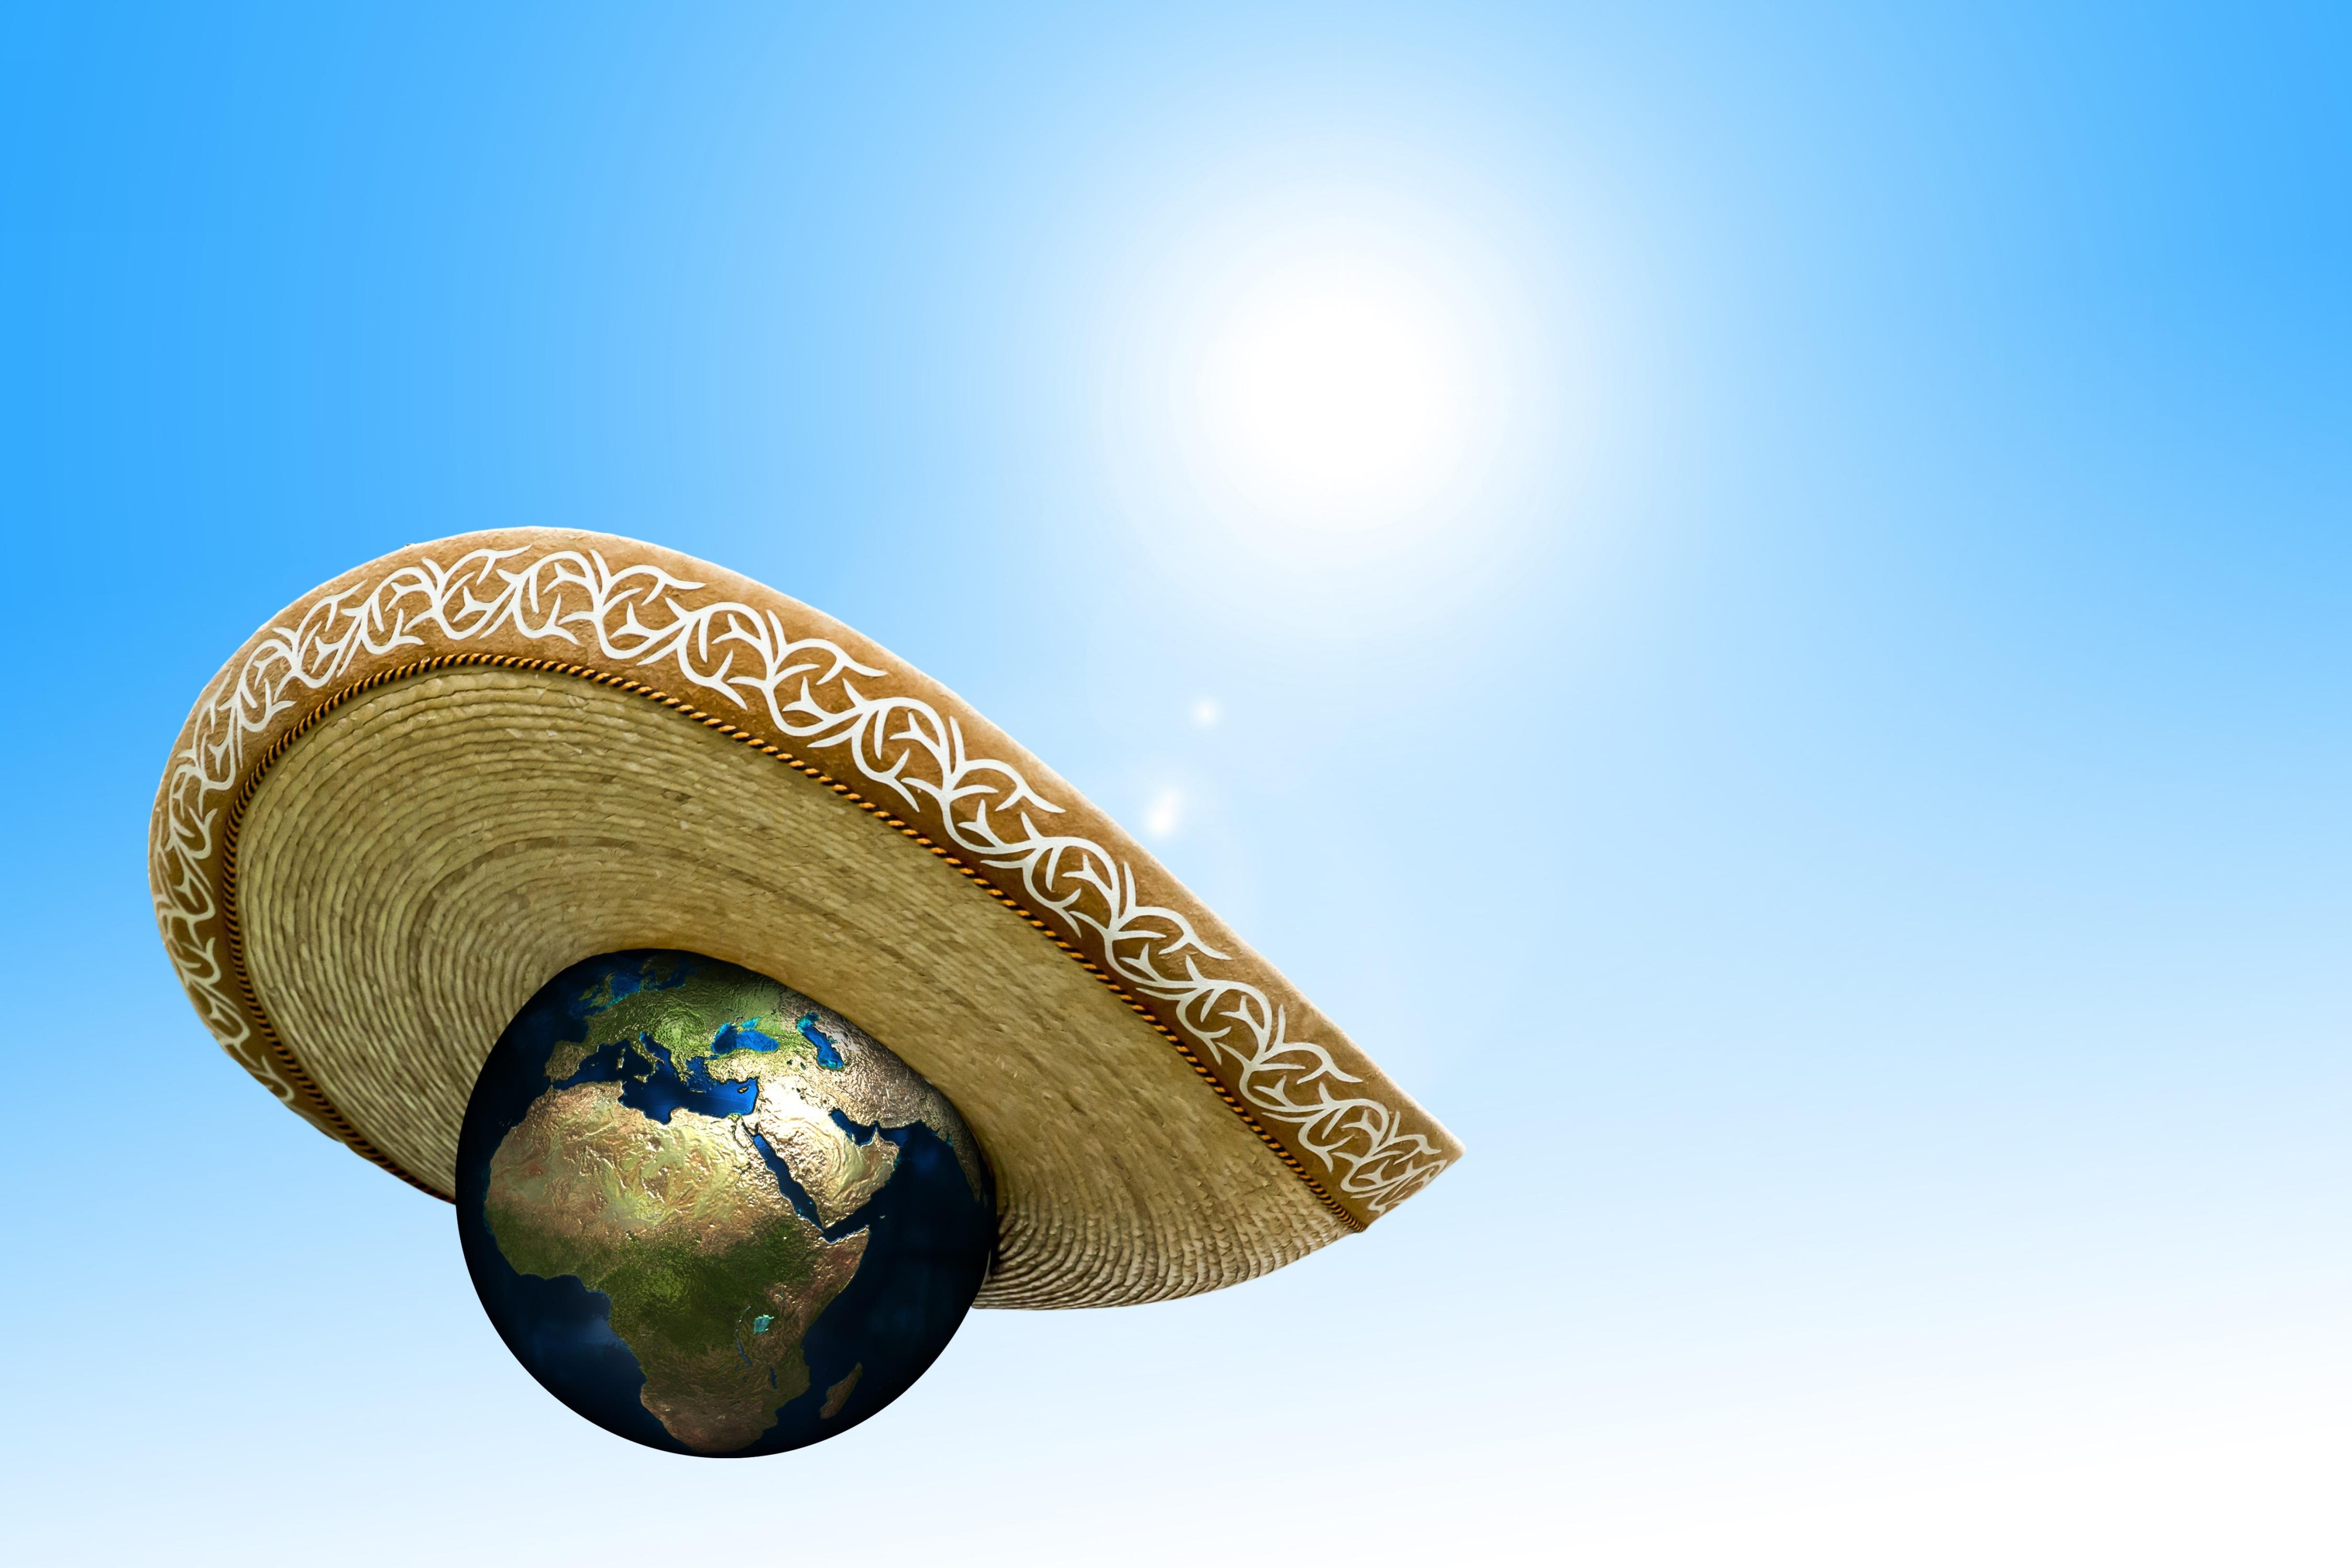 Фотография Земля global warming Шляпа Космос 4500x3000 земли шляпы шляпе